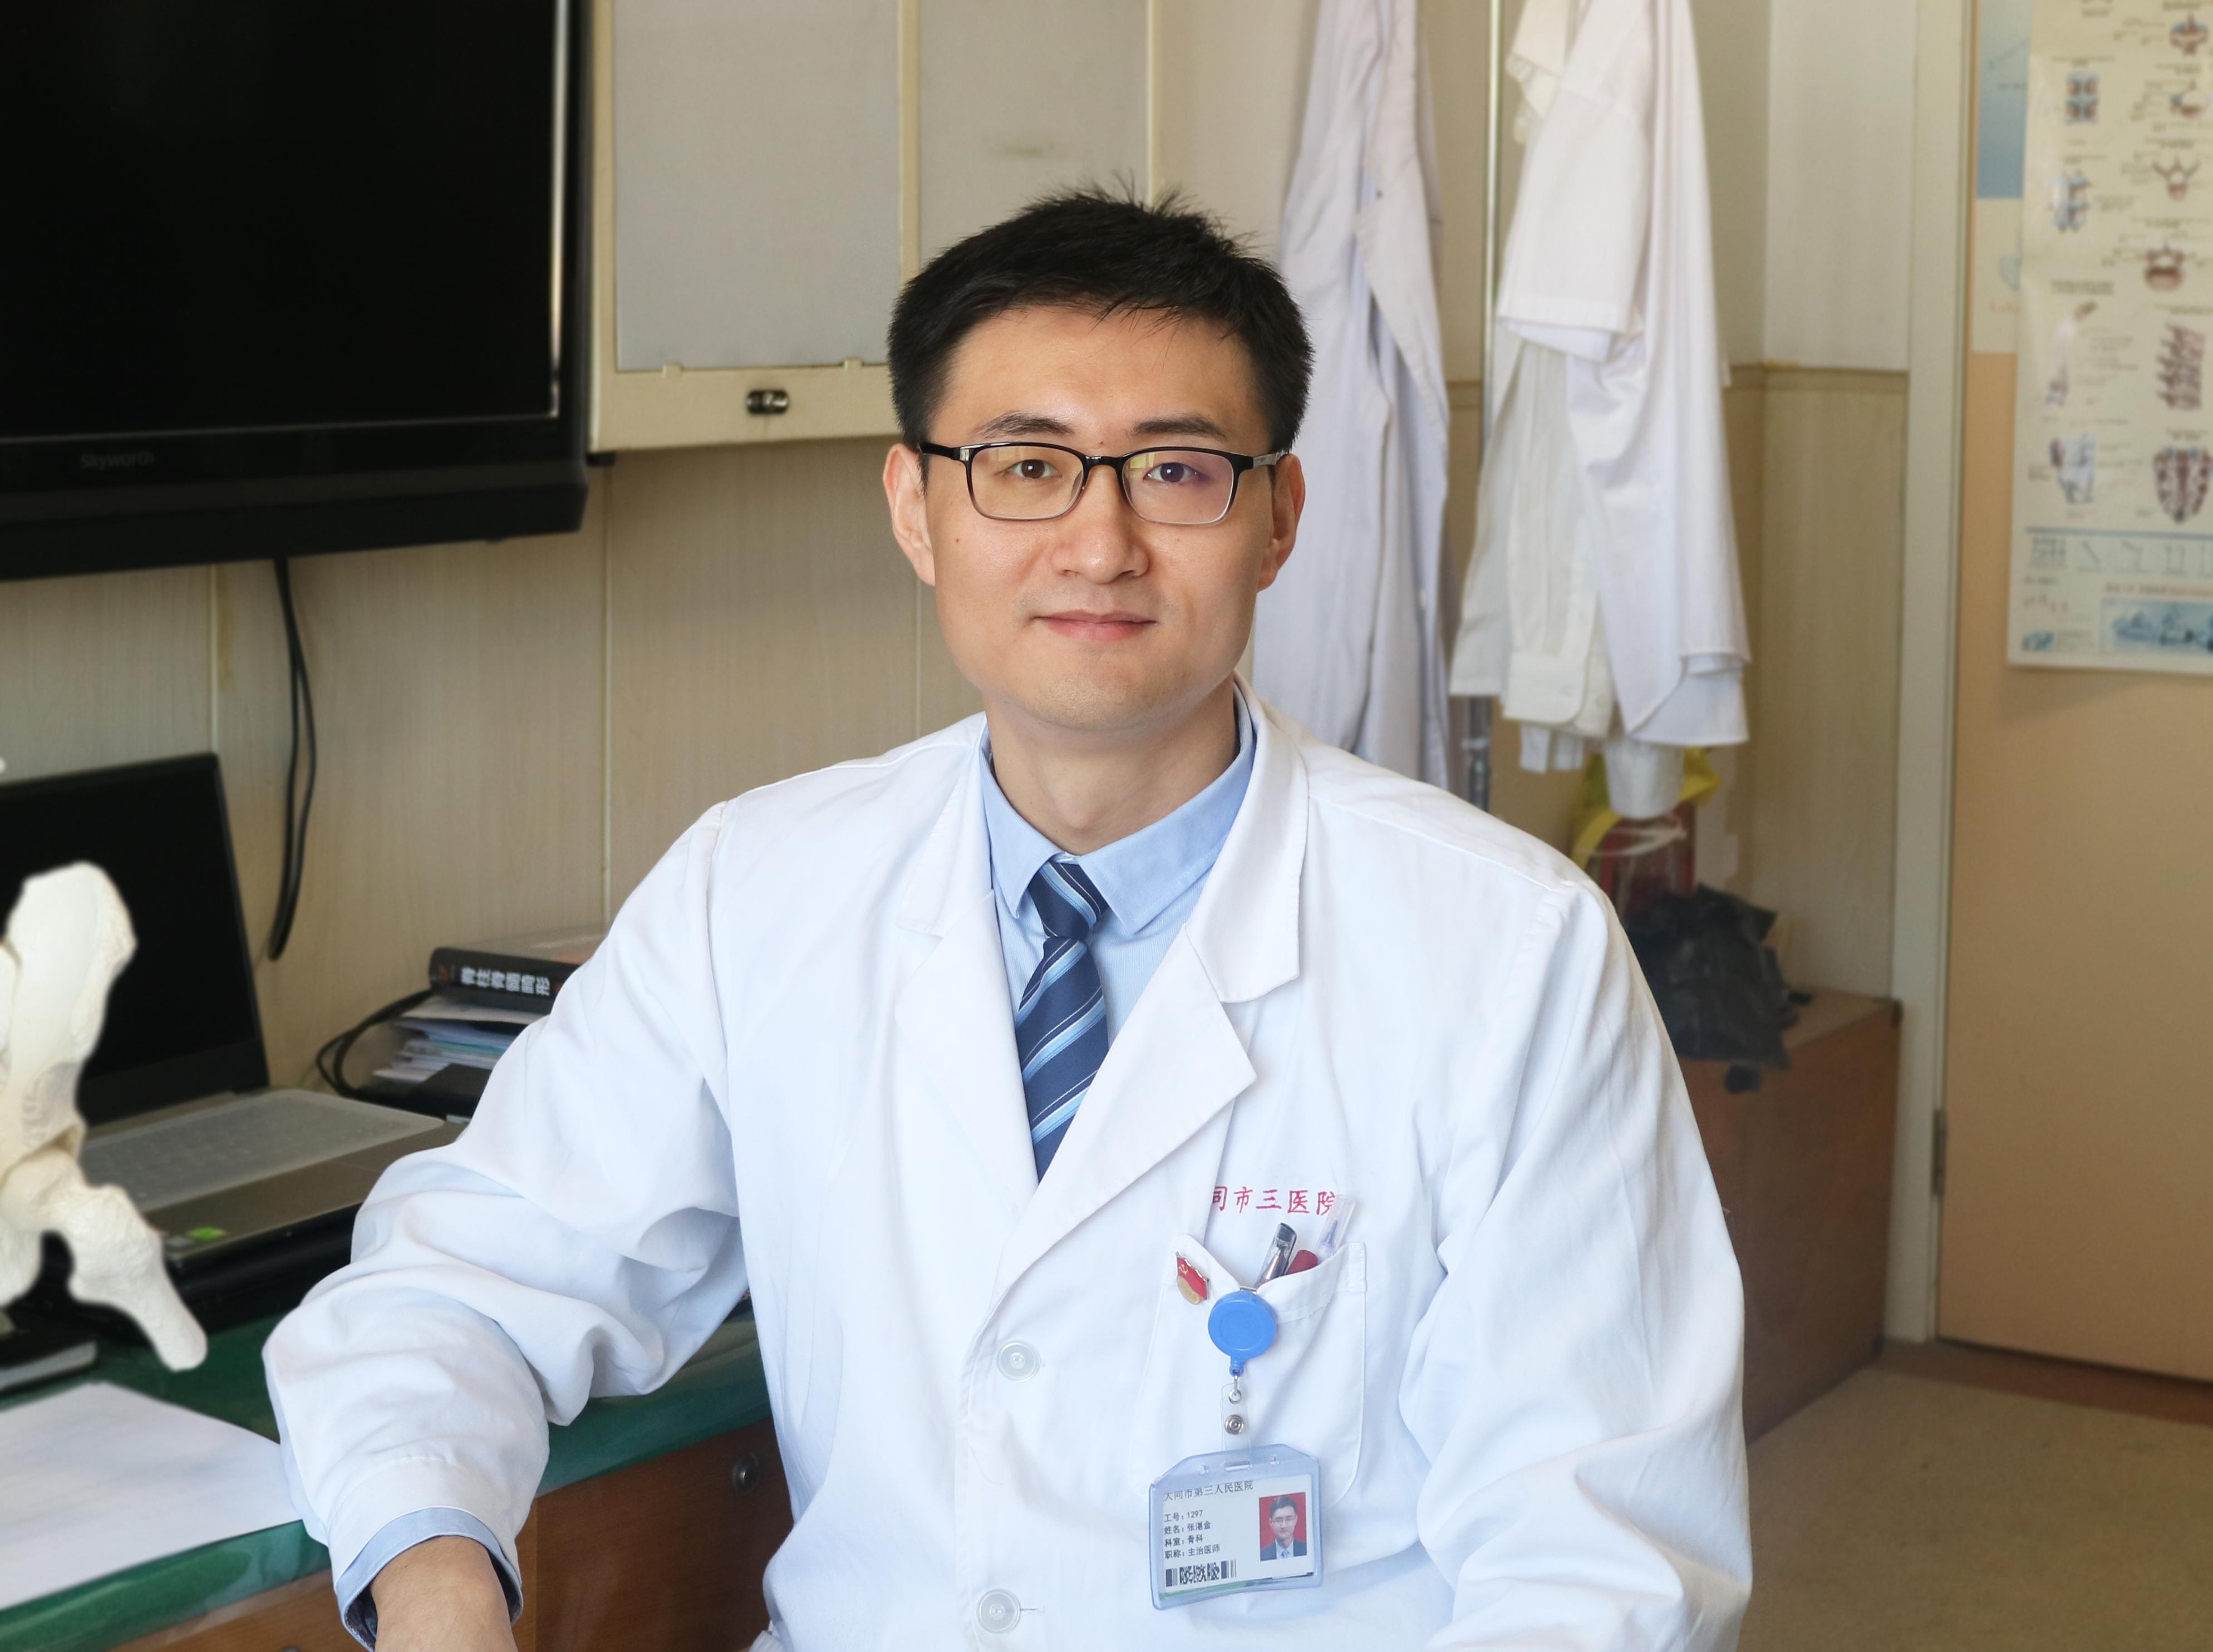 张湛金:骨质疏松及骨质疏松骨折的治疗策略